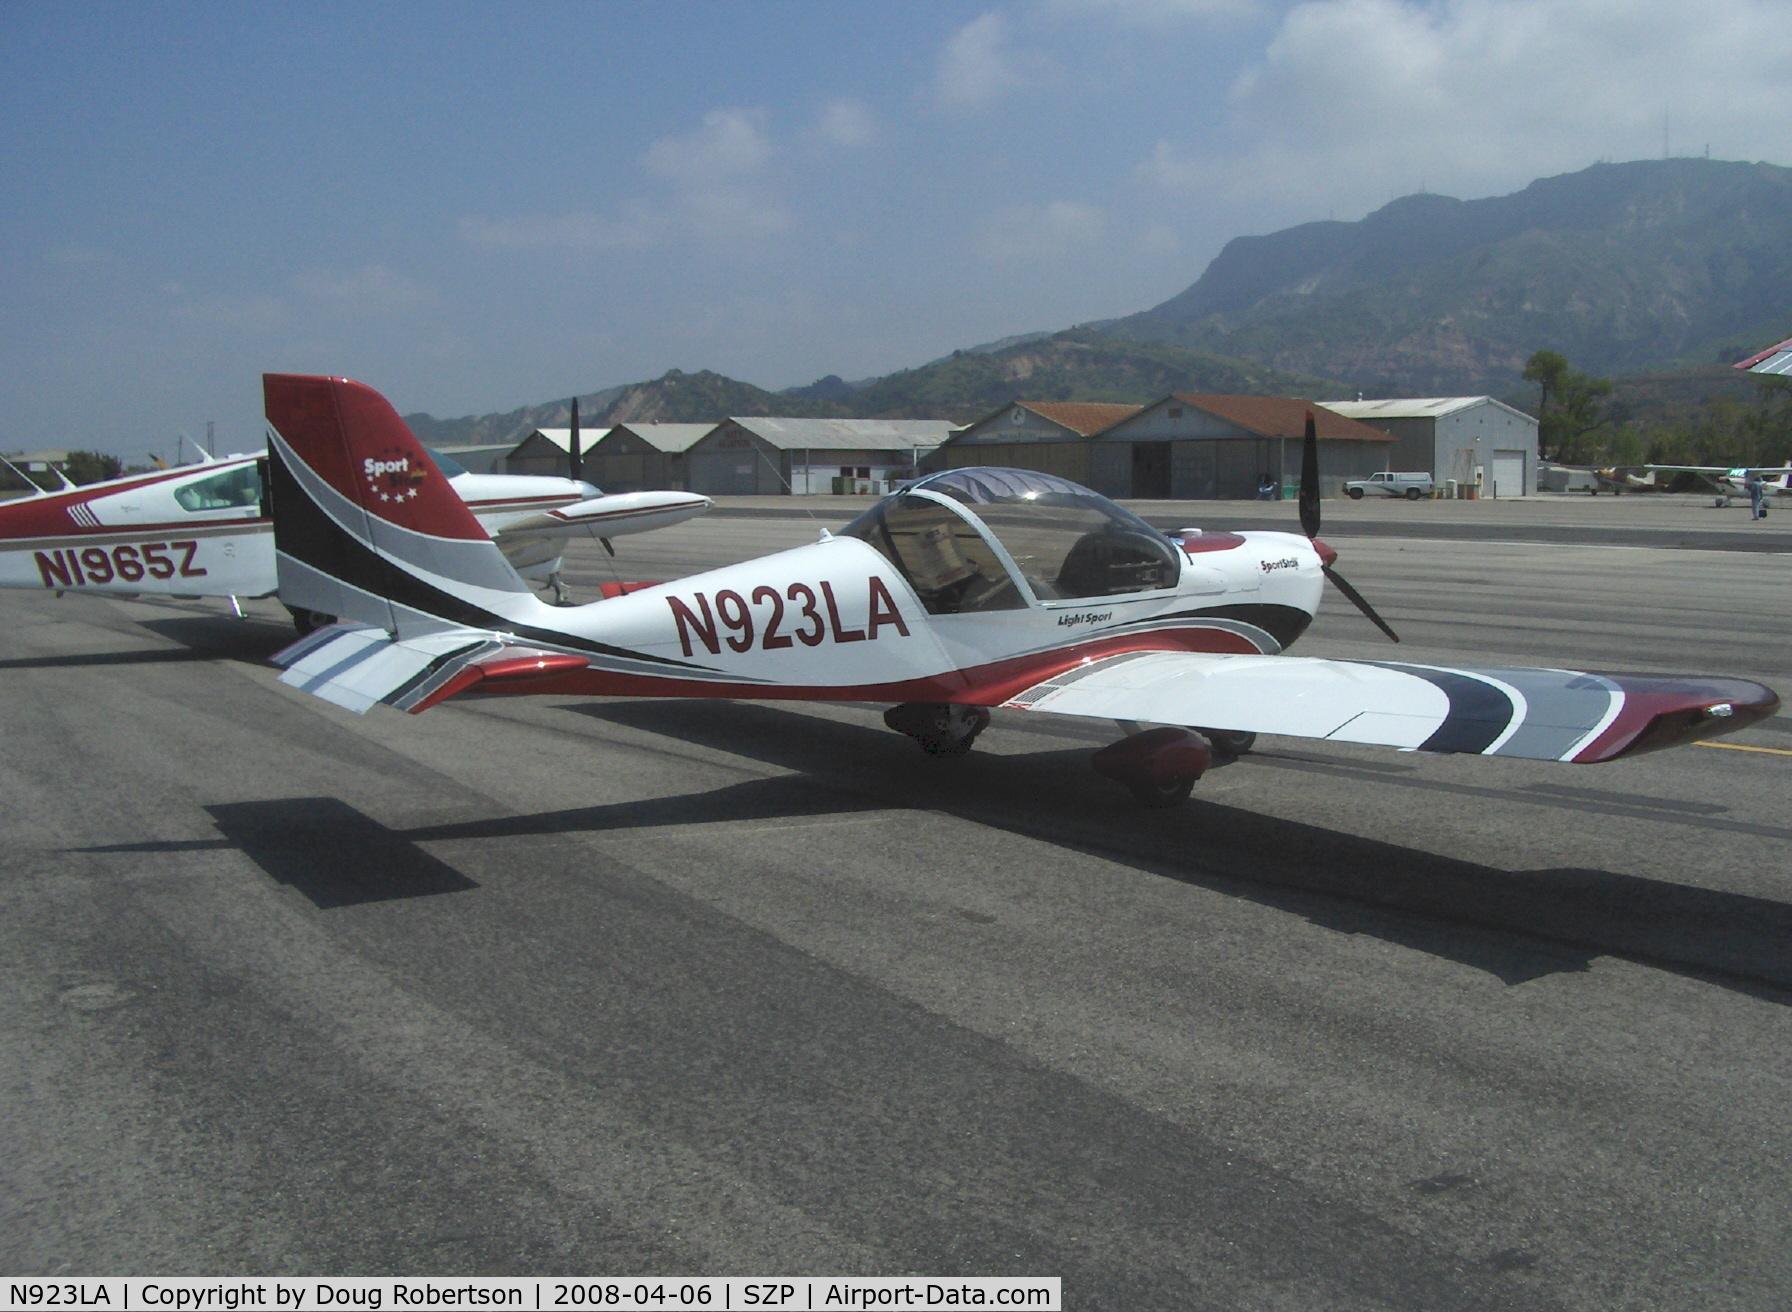 N923LA, 2007 Evektor-Aerotechnik SPORTSTAR PLUS C/N 20070923, 2007 Evektor-Aerotechnik SPORTSTAR PLUS, Rotax 912ULS 100 Hp